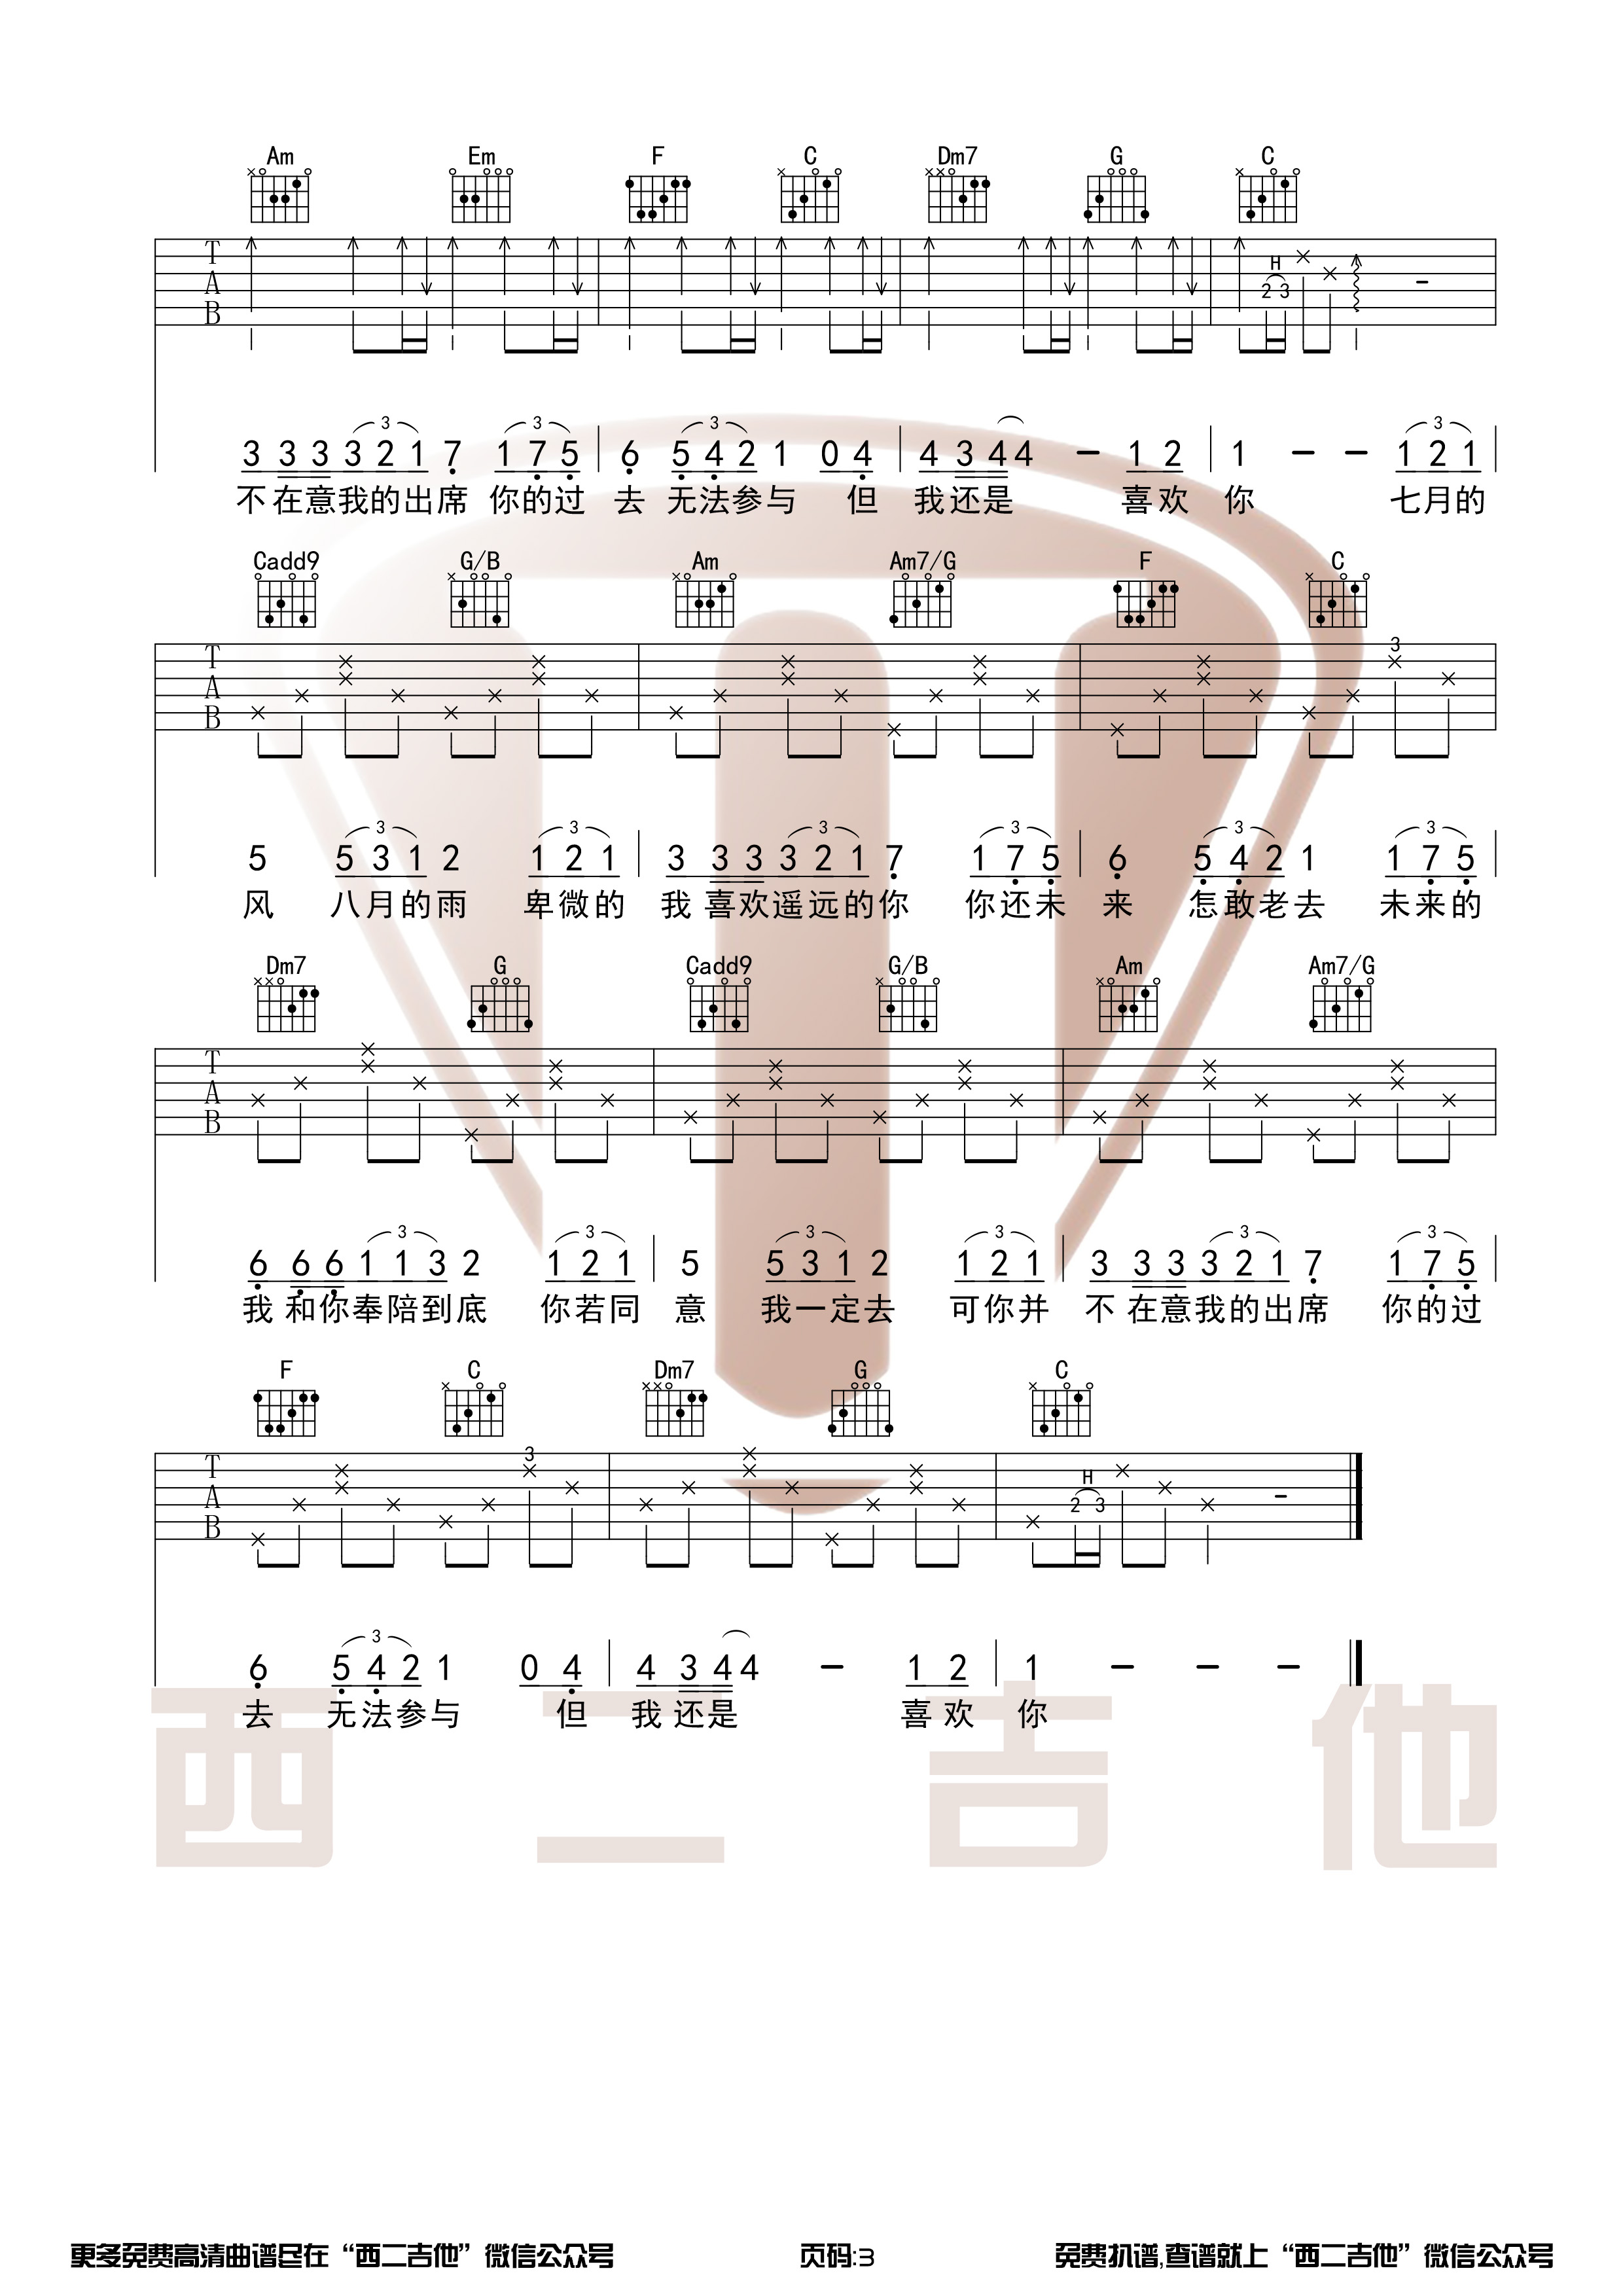 遥远的你(原版前奏间奏完整版)吉他谱(图片谱,弹唱,C调,西二吉他)_群星(Various Artists)_遥远的你3.jpg